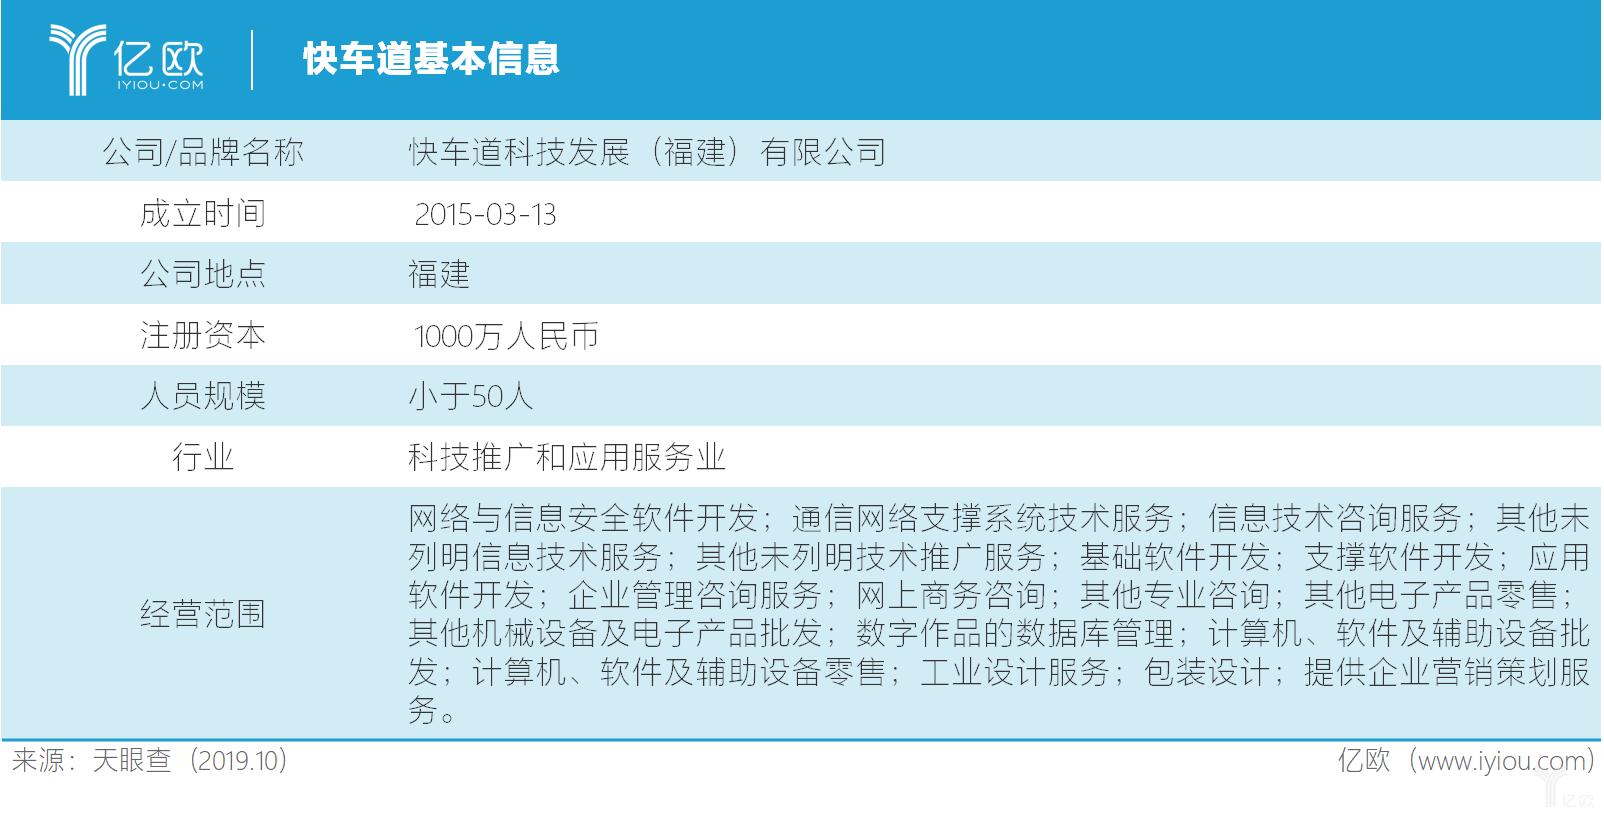 首发丨二手车平台快车道获数千万元融资,洪泰基金等参投